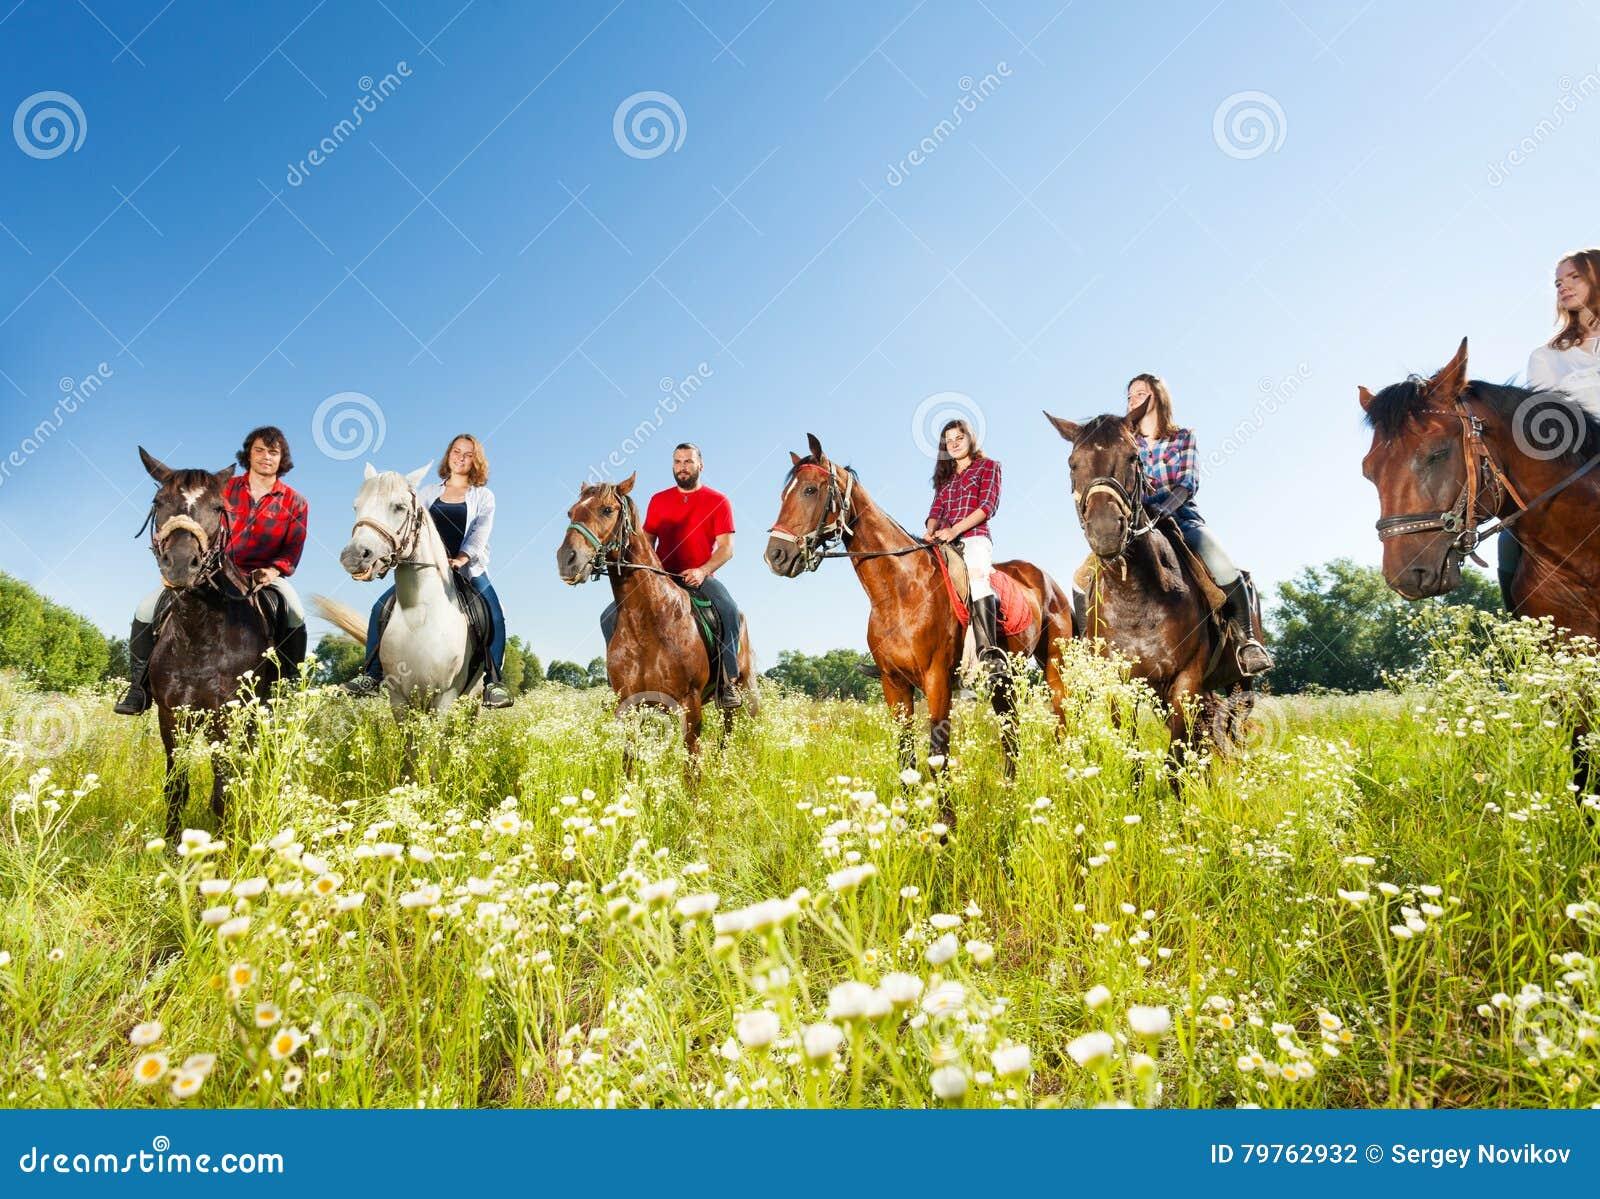 Grote groep horseback ruiters in bloemrijke weide